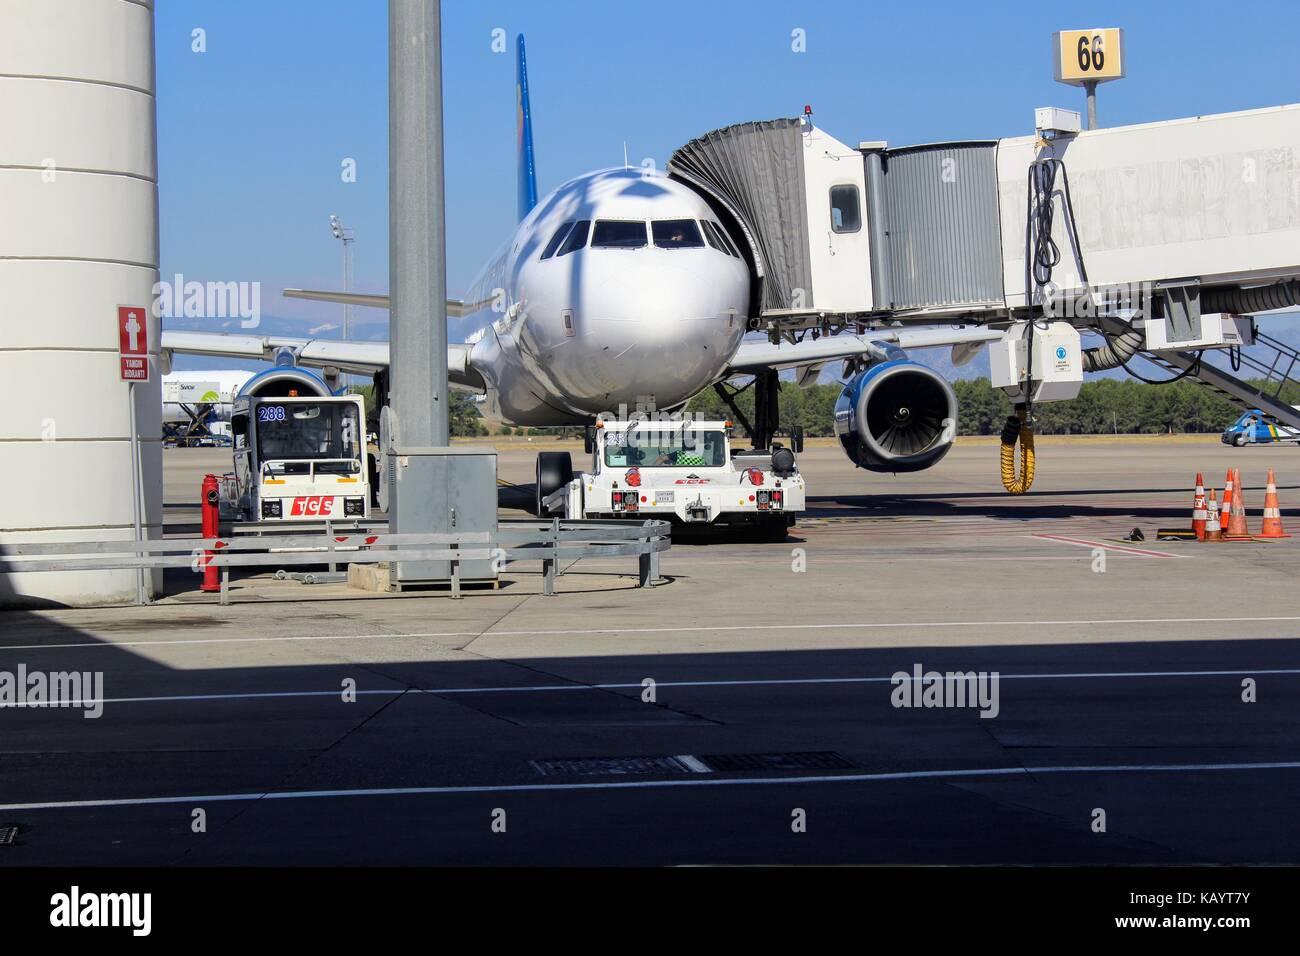 Airplane Luggage Stock Photos & Airplane Luggage Stock ...